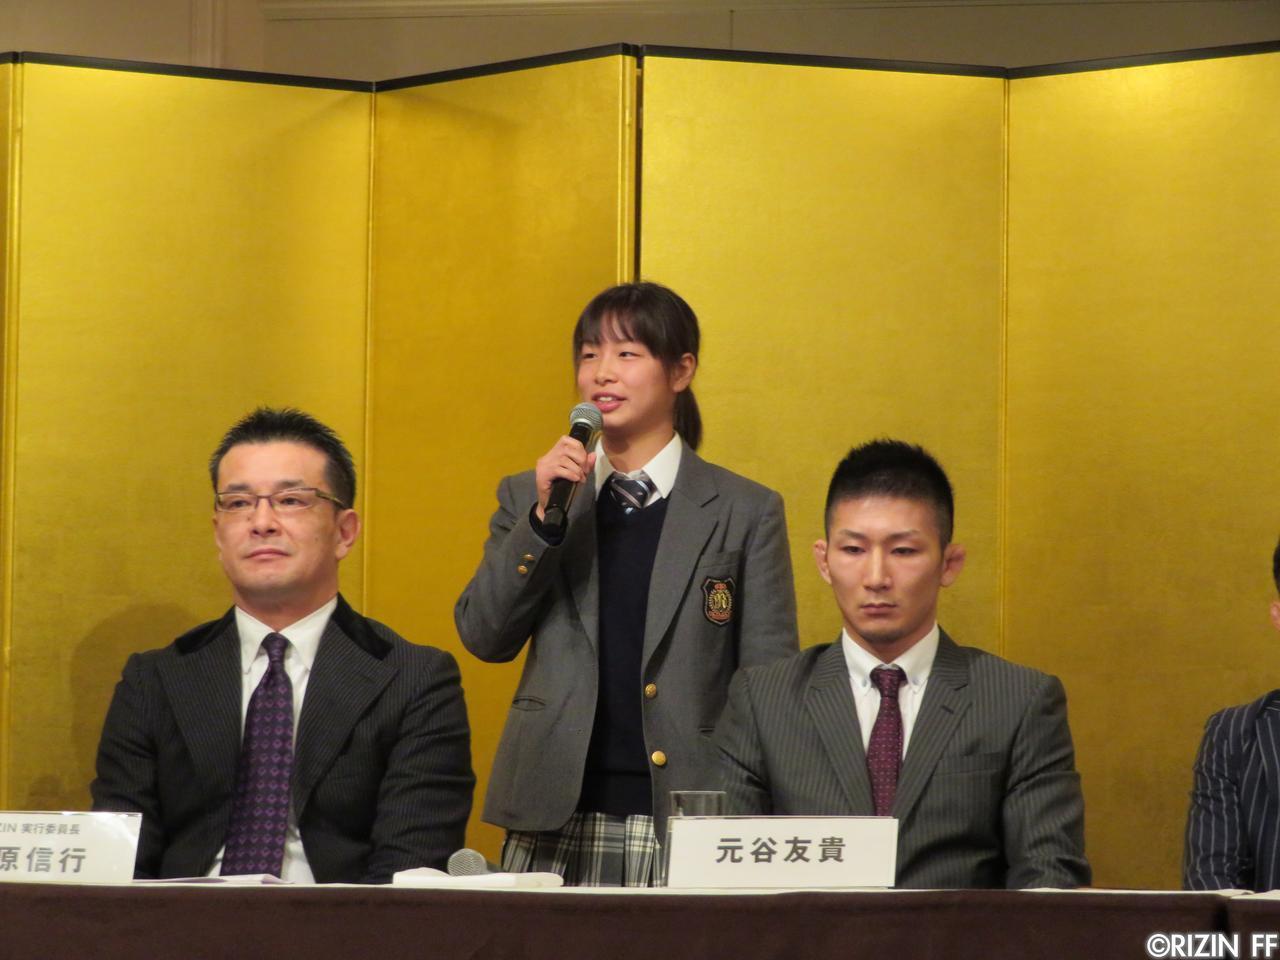 画像4: 浅倉カンナをはじめ、若きRIZINファイターが集結! 追加カードの発表!!